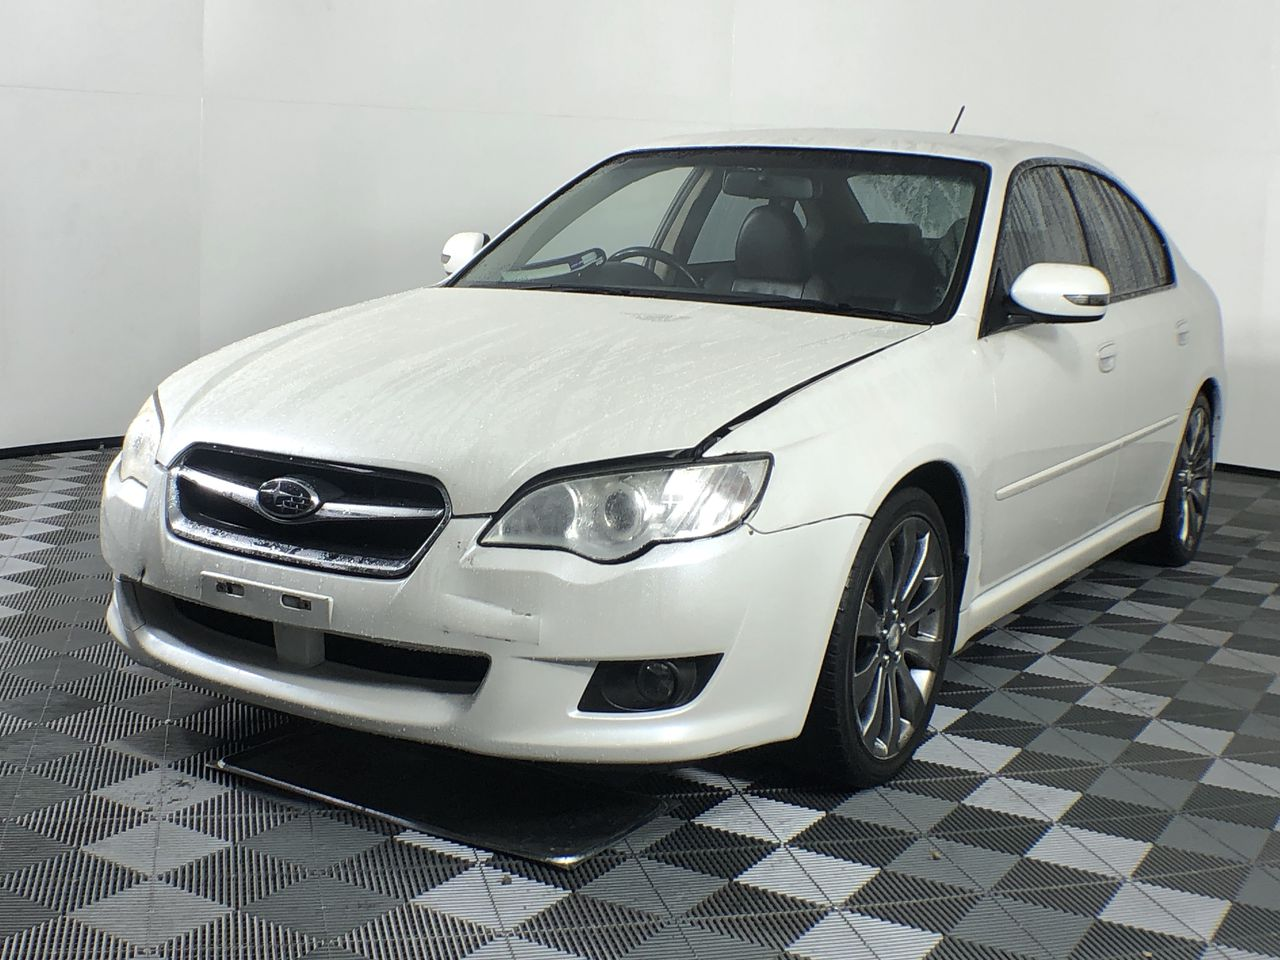 2008 Subaru Liberty 2.5i B4 Automatic Sedan (WOVR-REPAIRABLE)